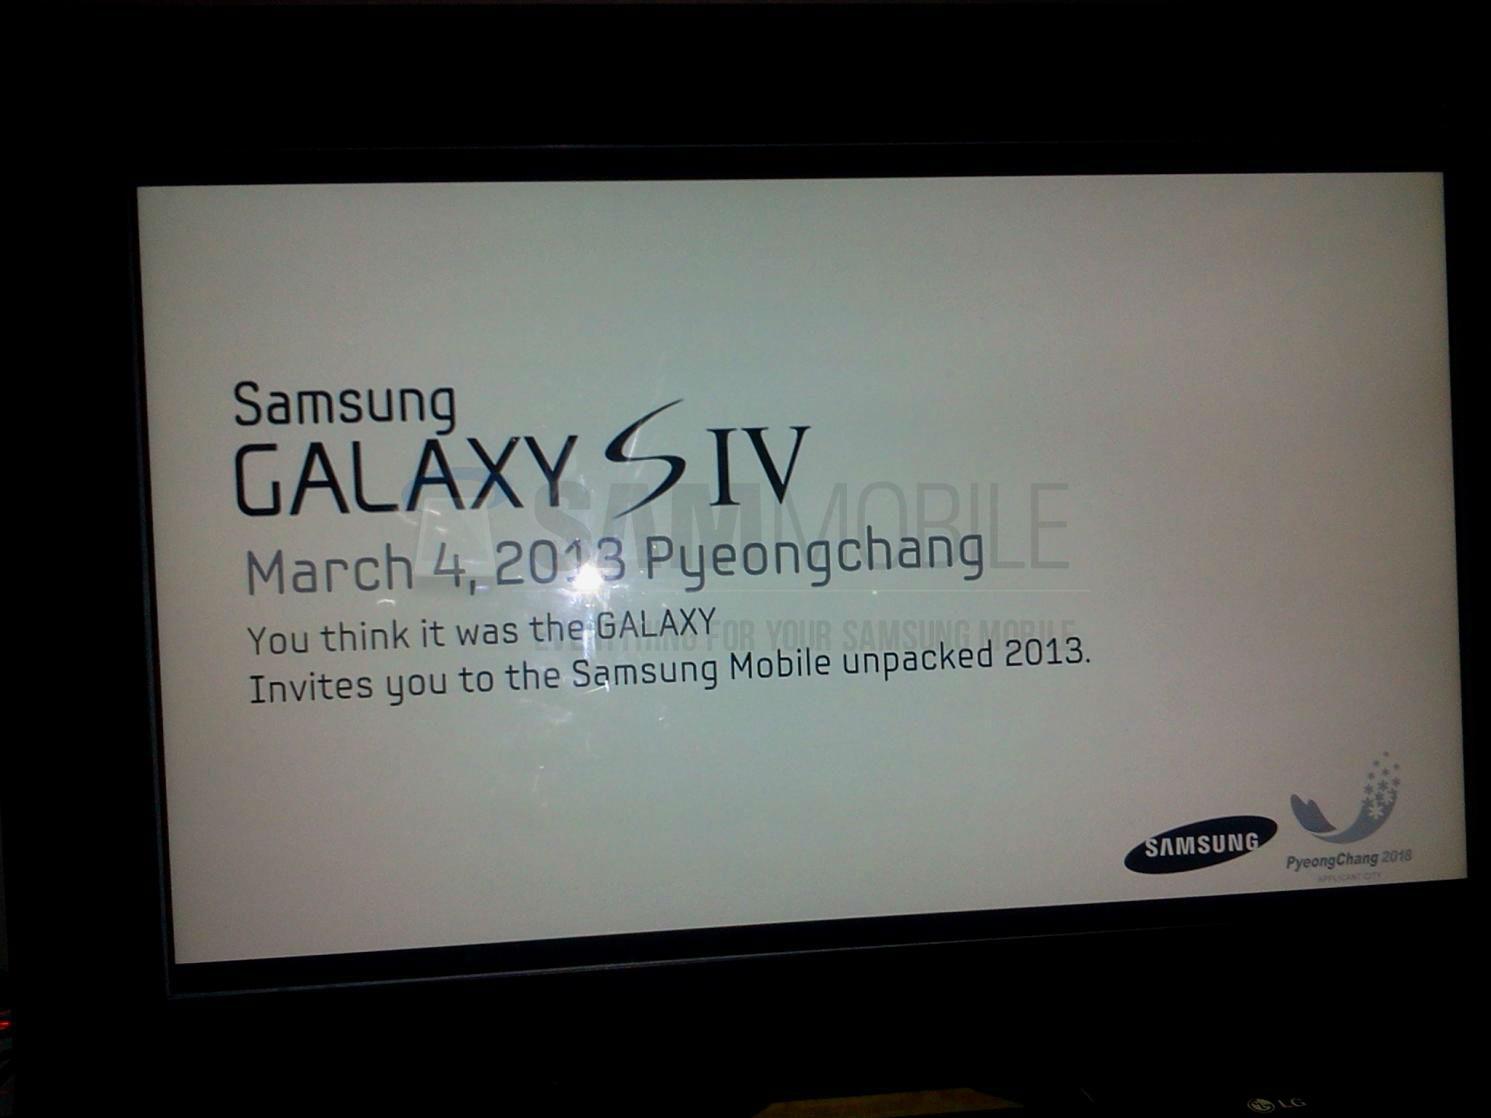 PR Samsung Galaxy S 4 IV